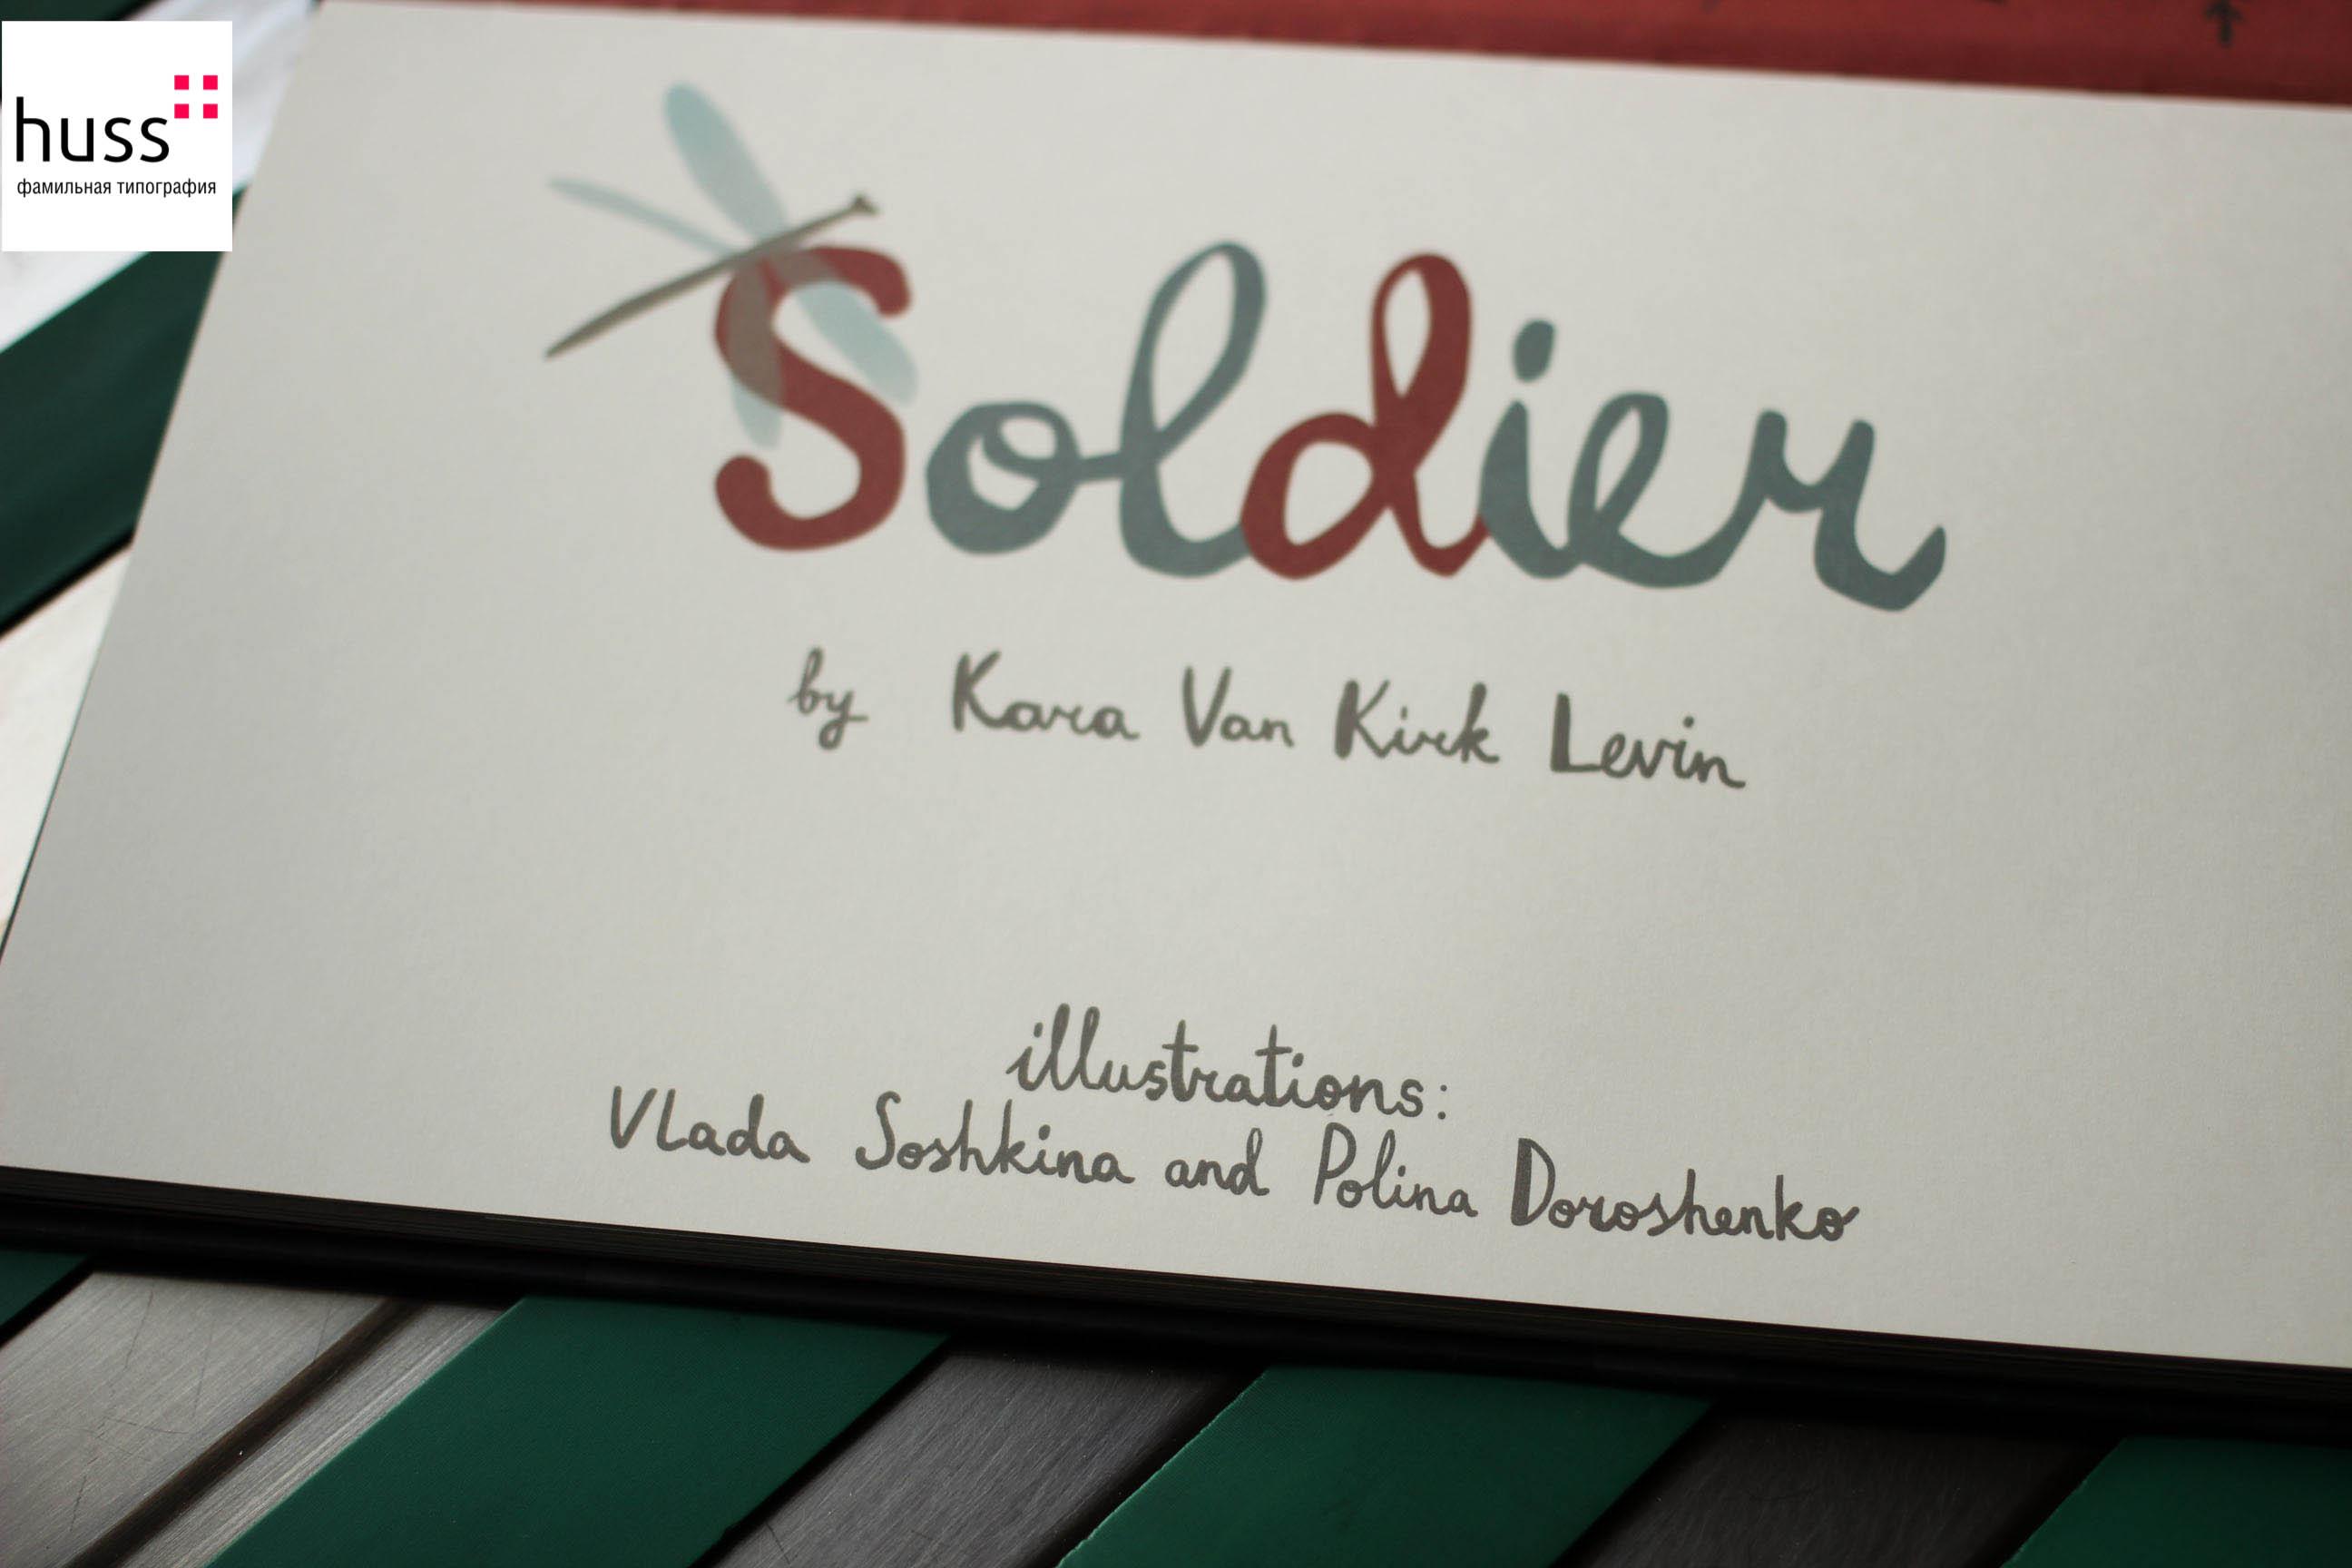 Печать книги Soldier типография huss (3 of 7)